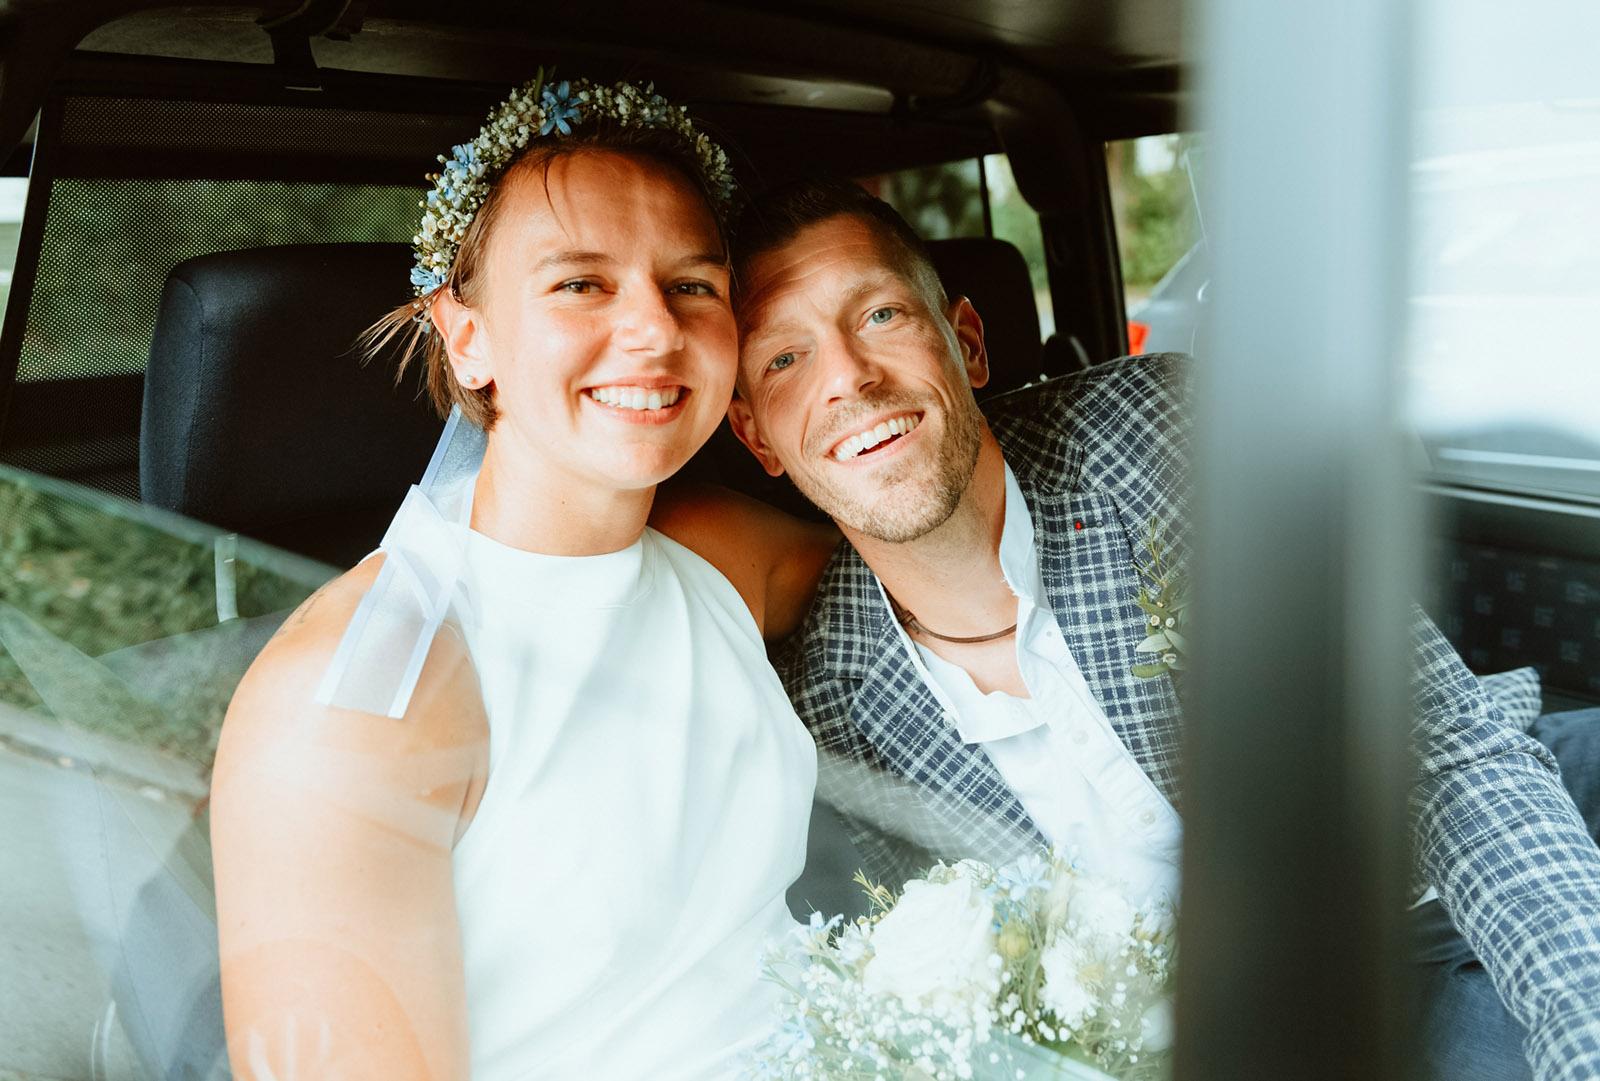 Hochzeitsfotos Dortmund, Brautpaar im Hochzeitsauto